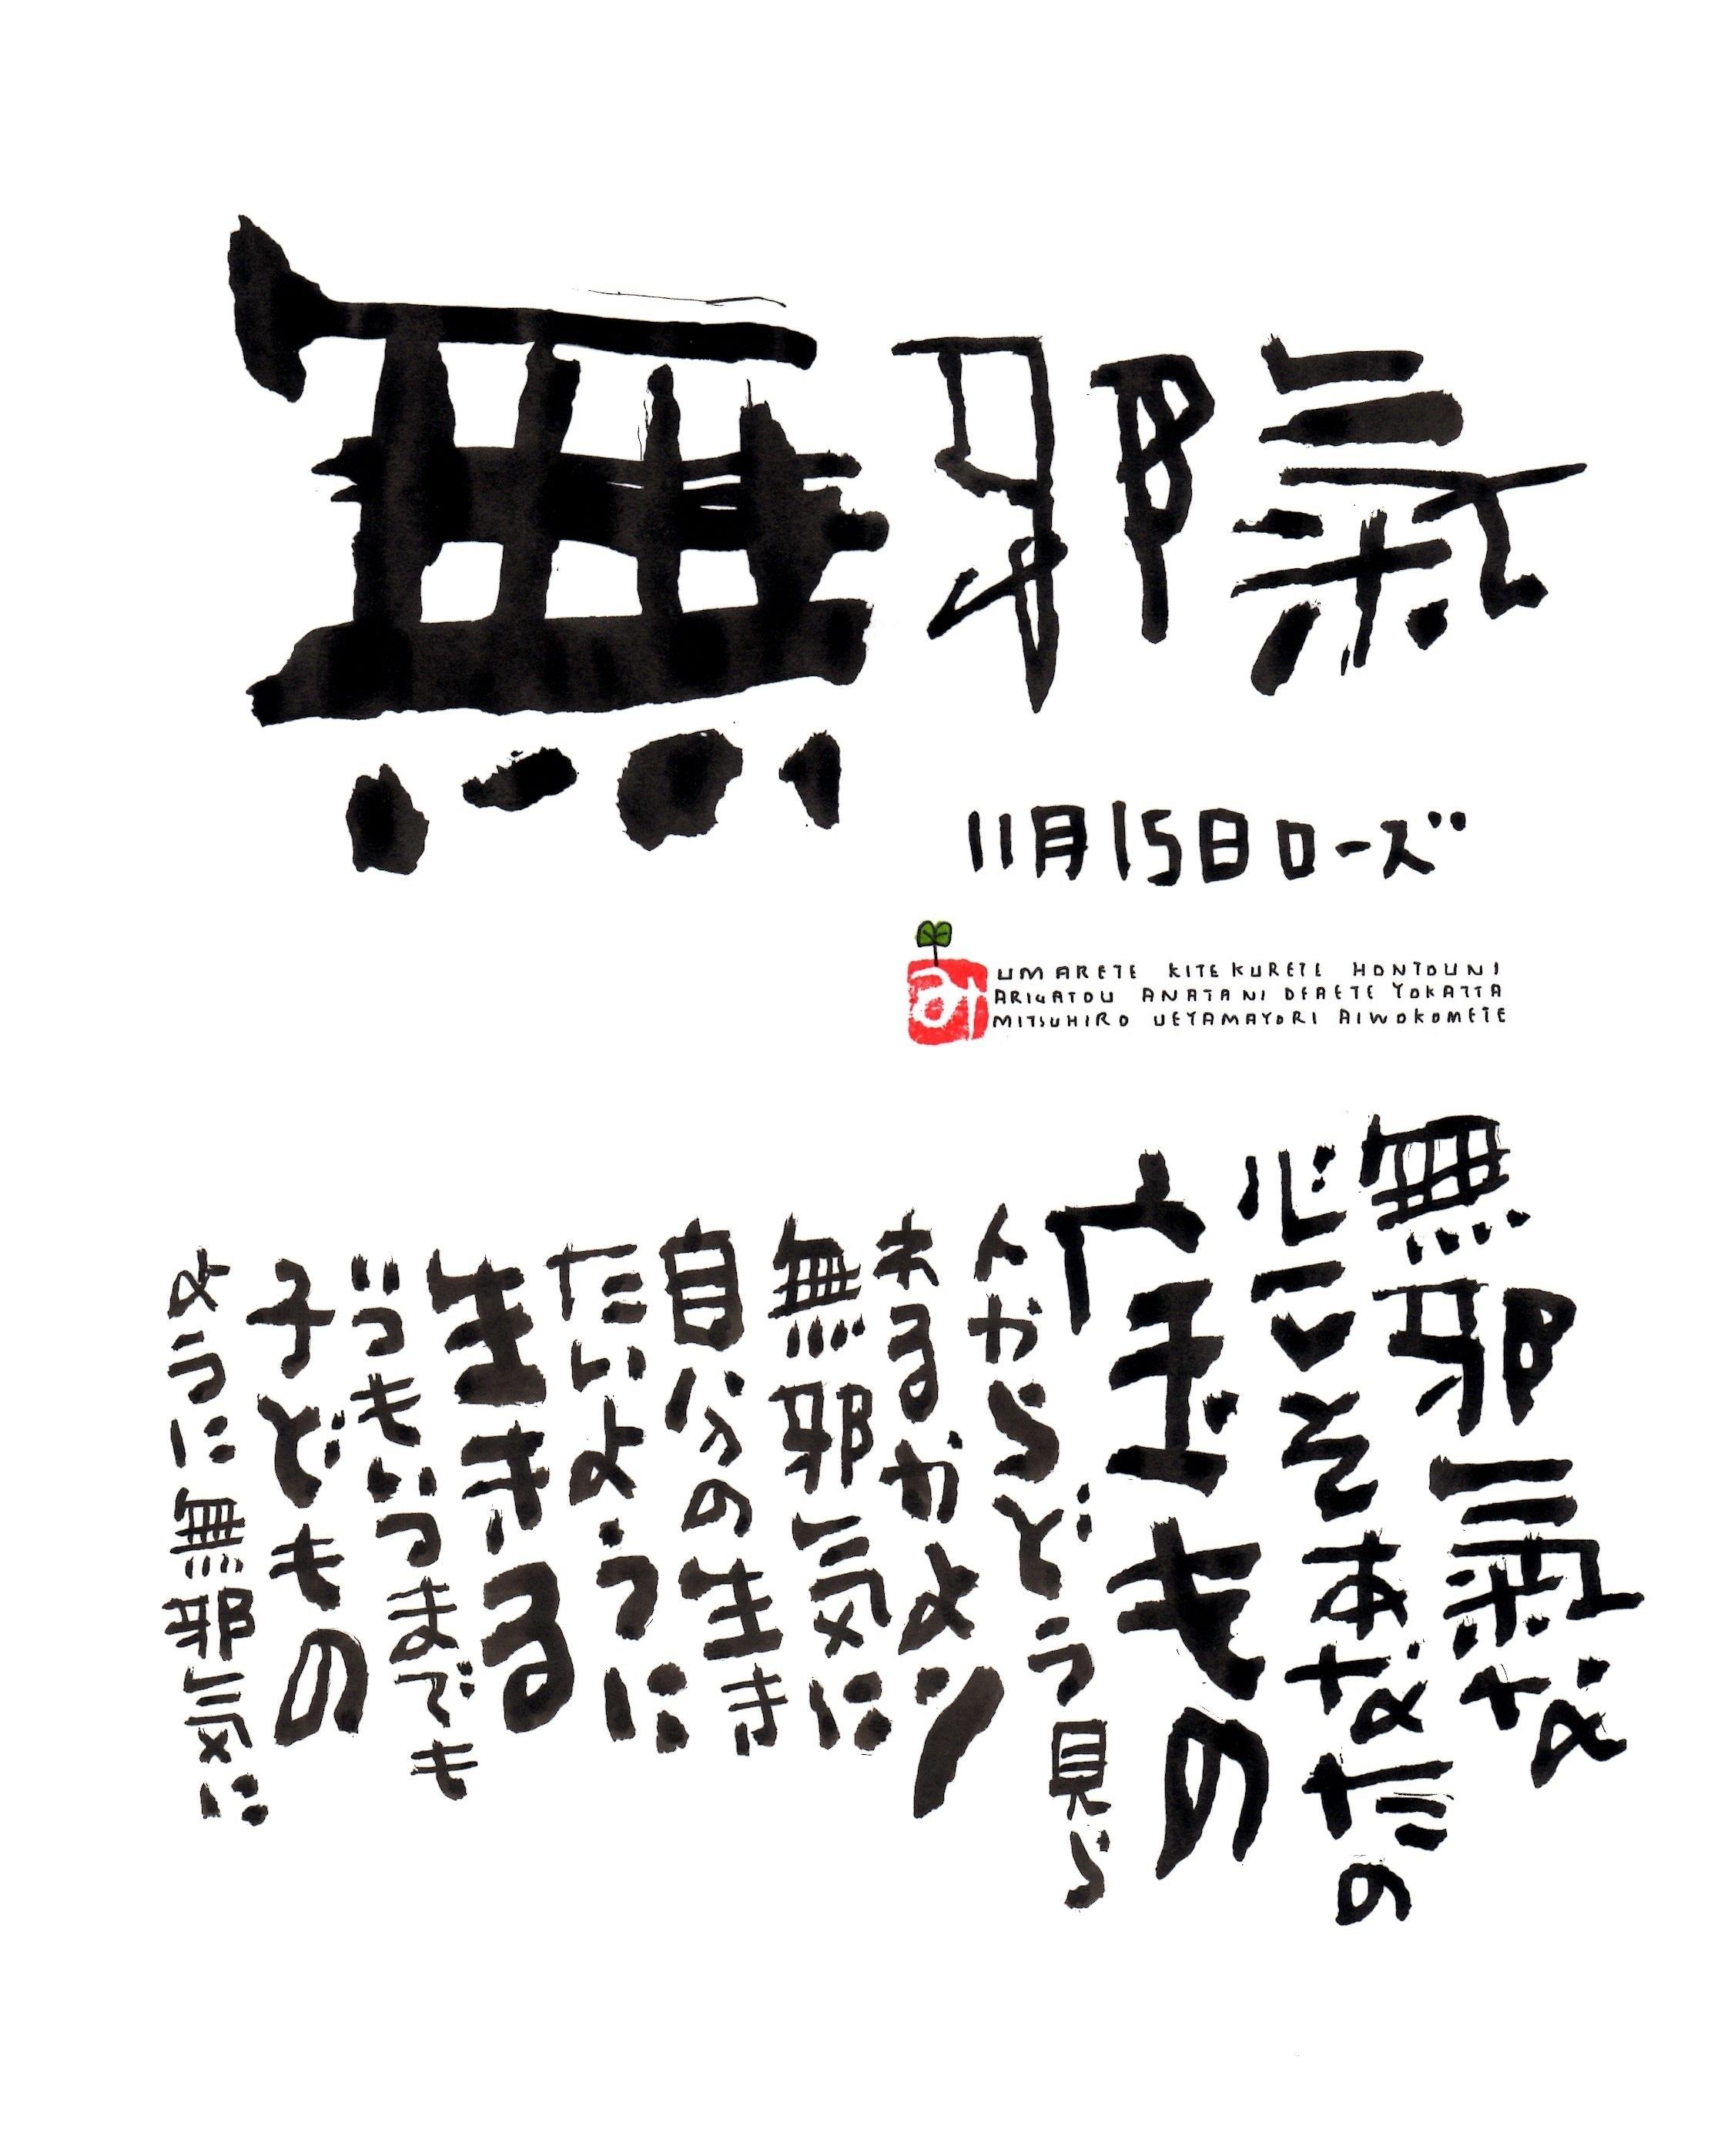 11月15日 誕生日ポストカード【無邪気】Innocent